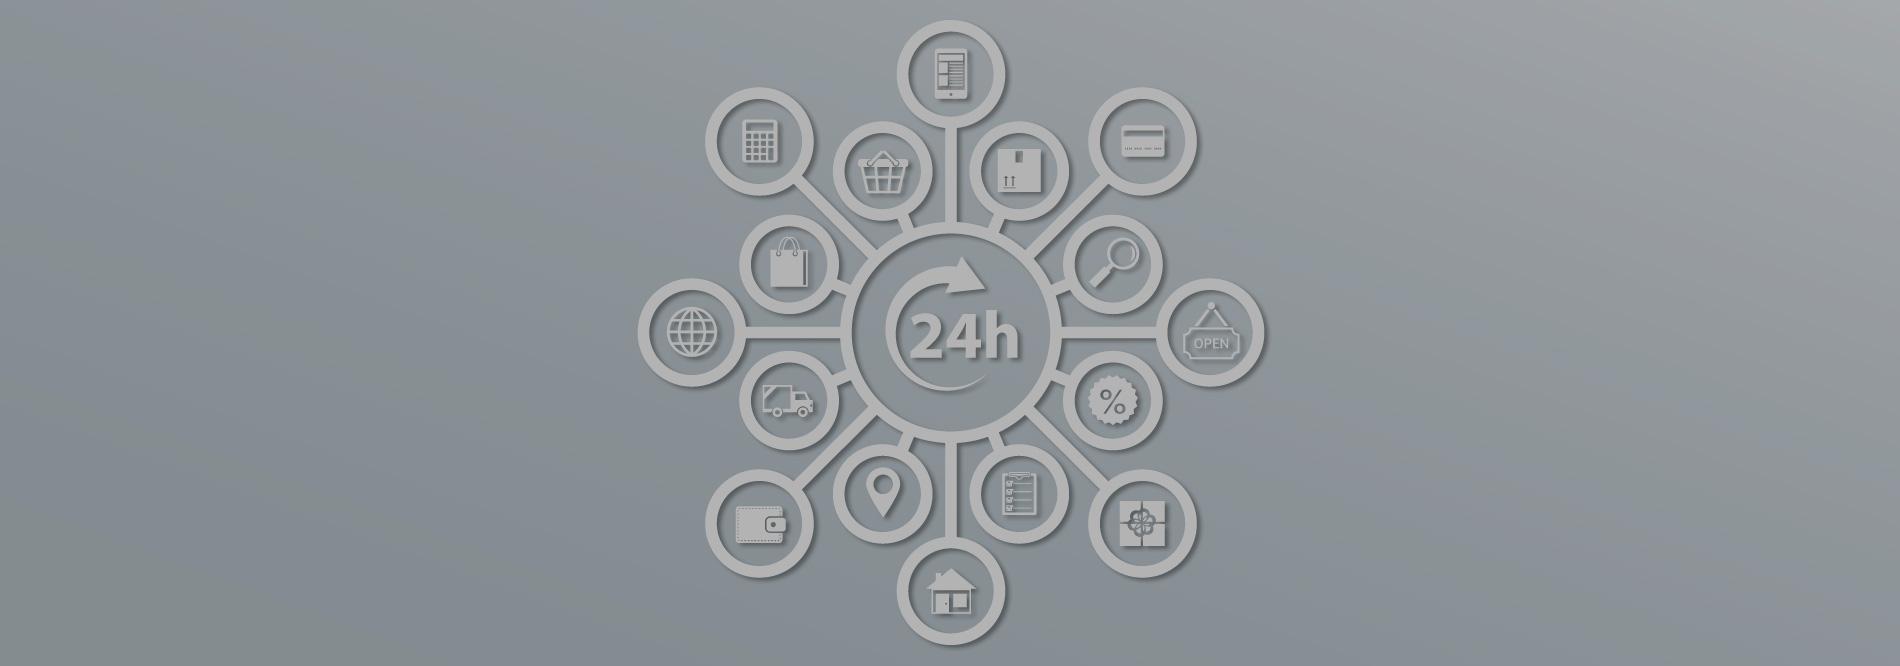 Eibarlar, al servicio del cliente las 24 horas del día